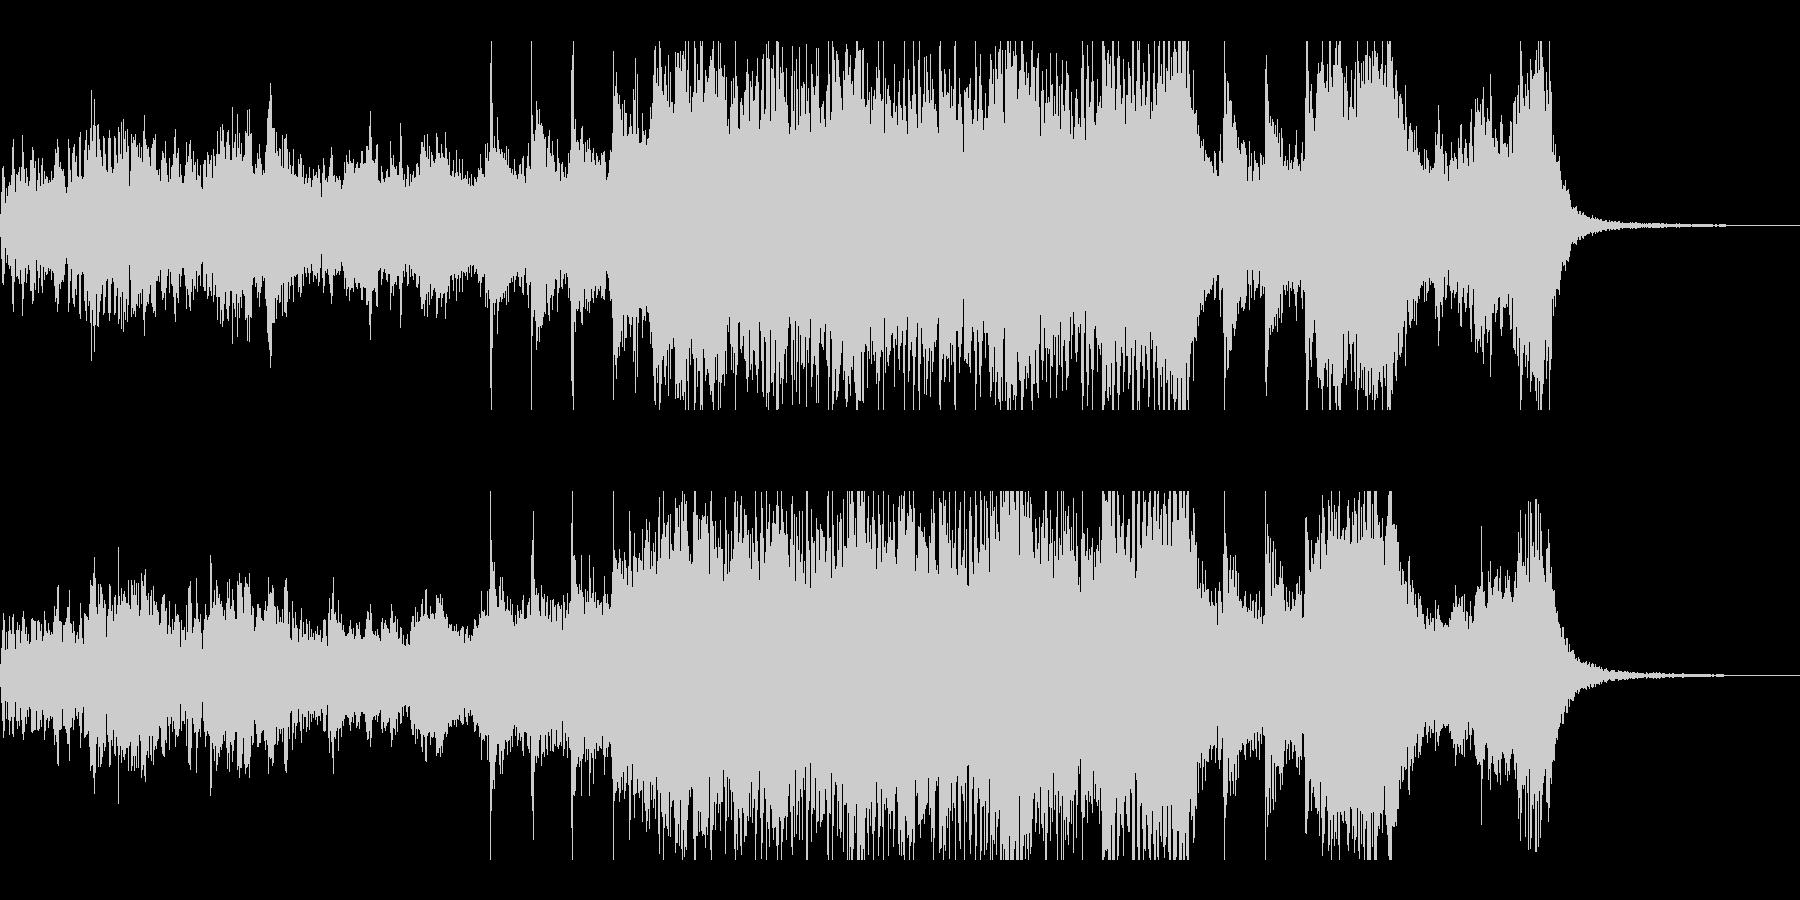 電気音響シンフォニー 前衛交響曲 ...の未再生の波形